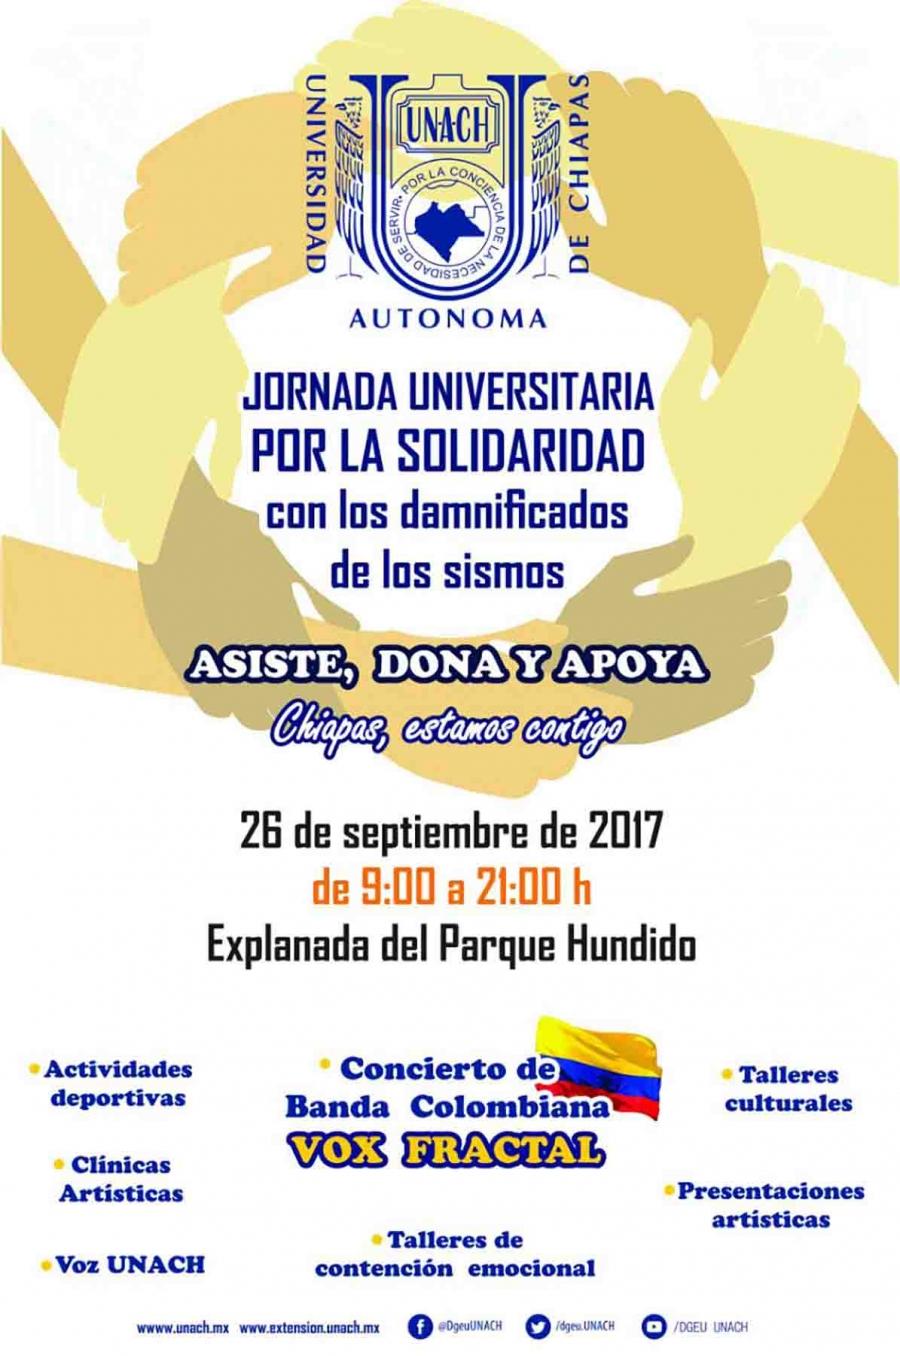 Organiza UNACH la Jornada Universitaria por la Solidaridad con los damnificados de los sismos